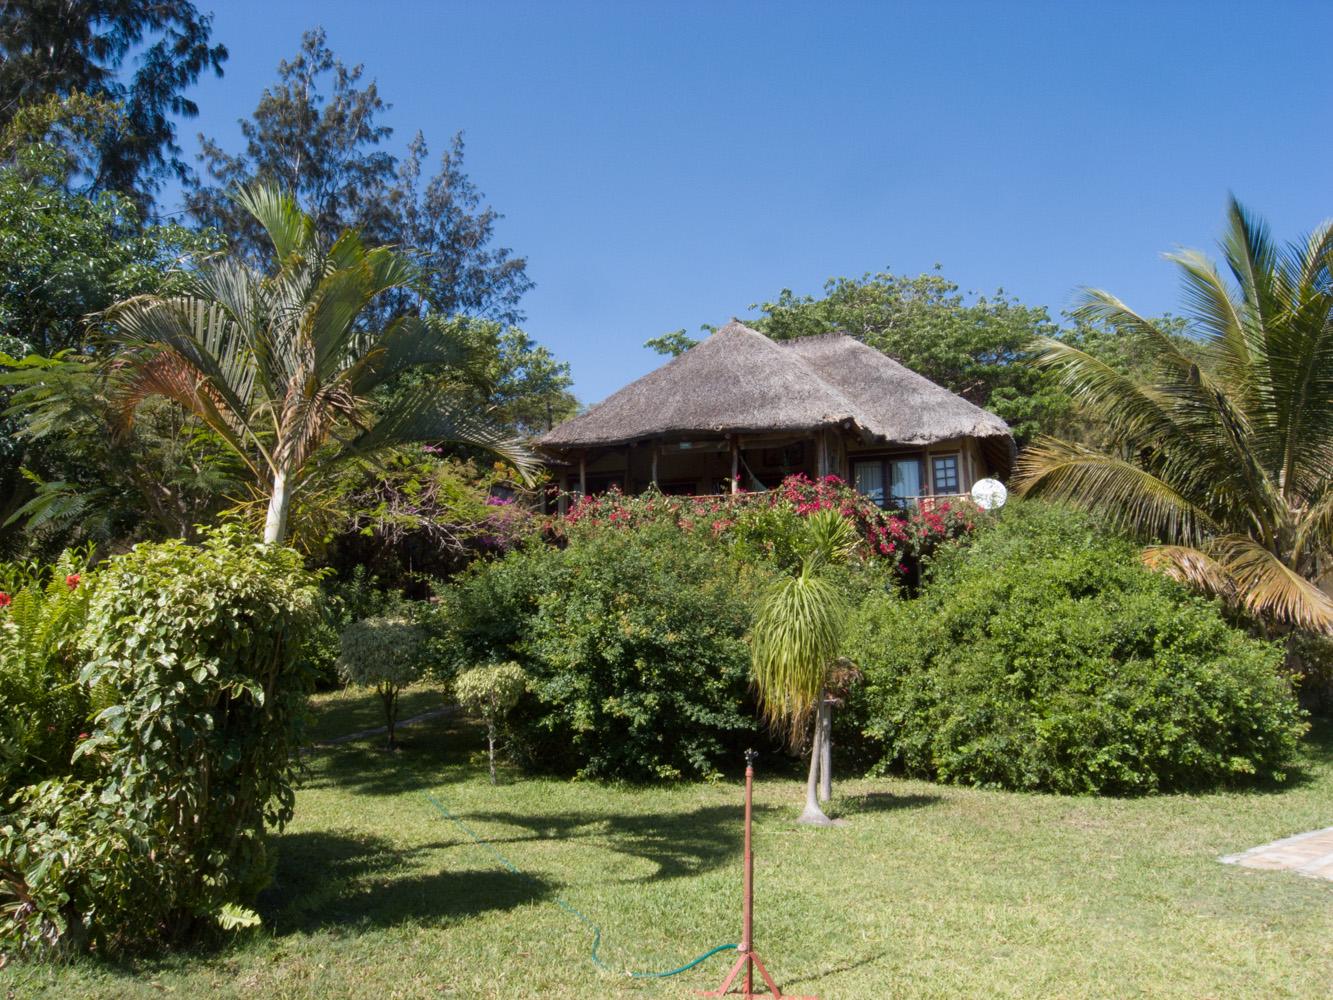 Mozambique_Vilankulos_Maputo_Tofo-124